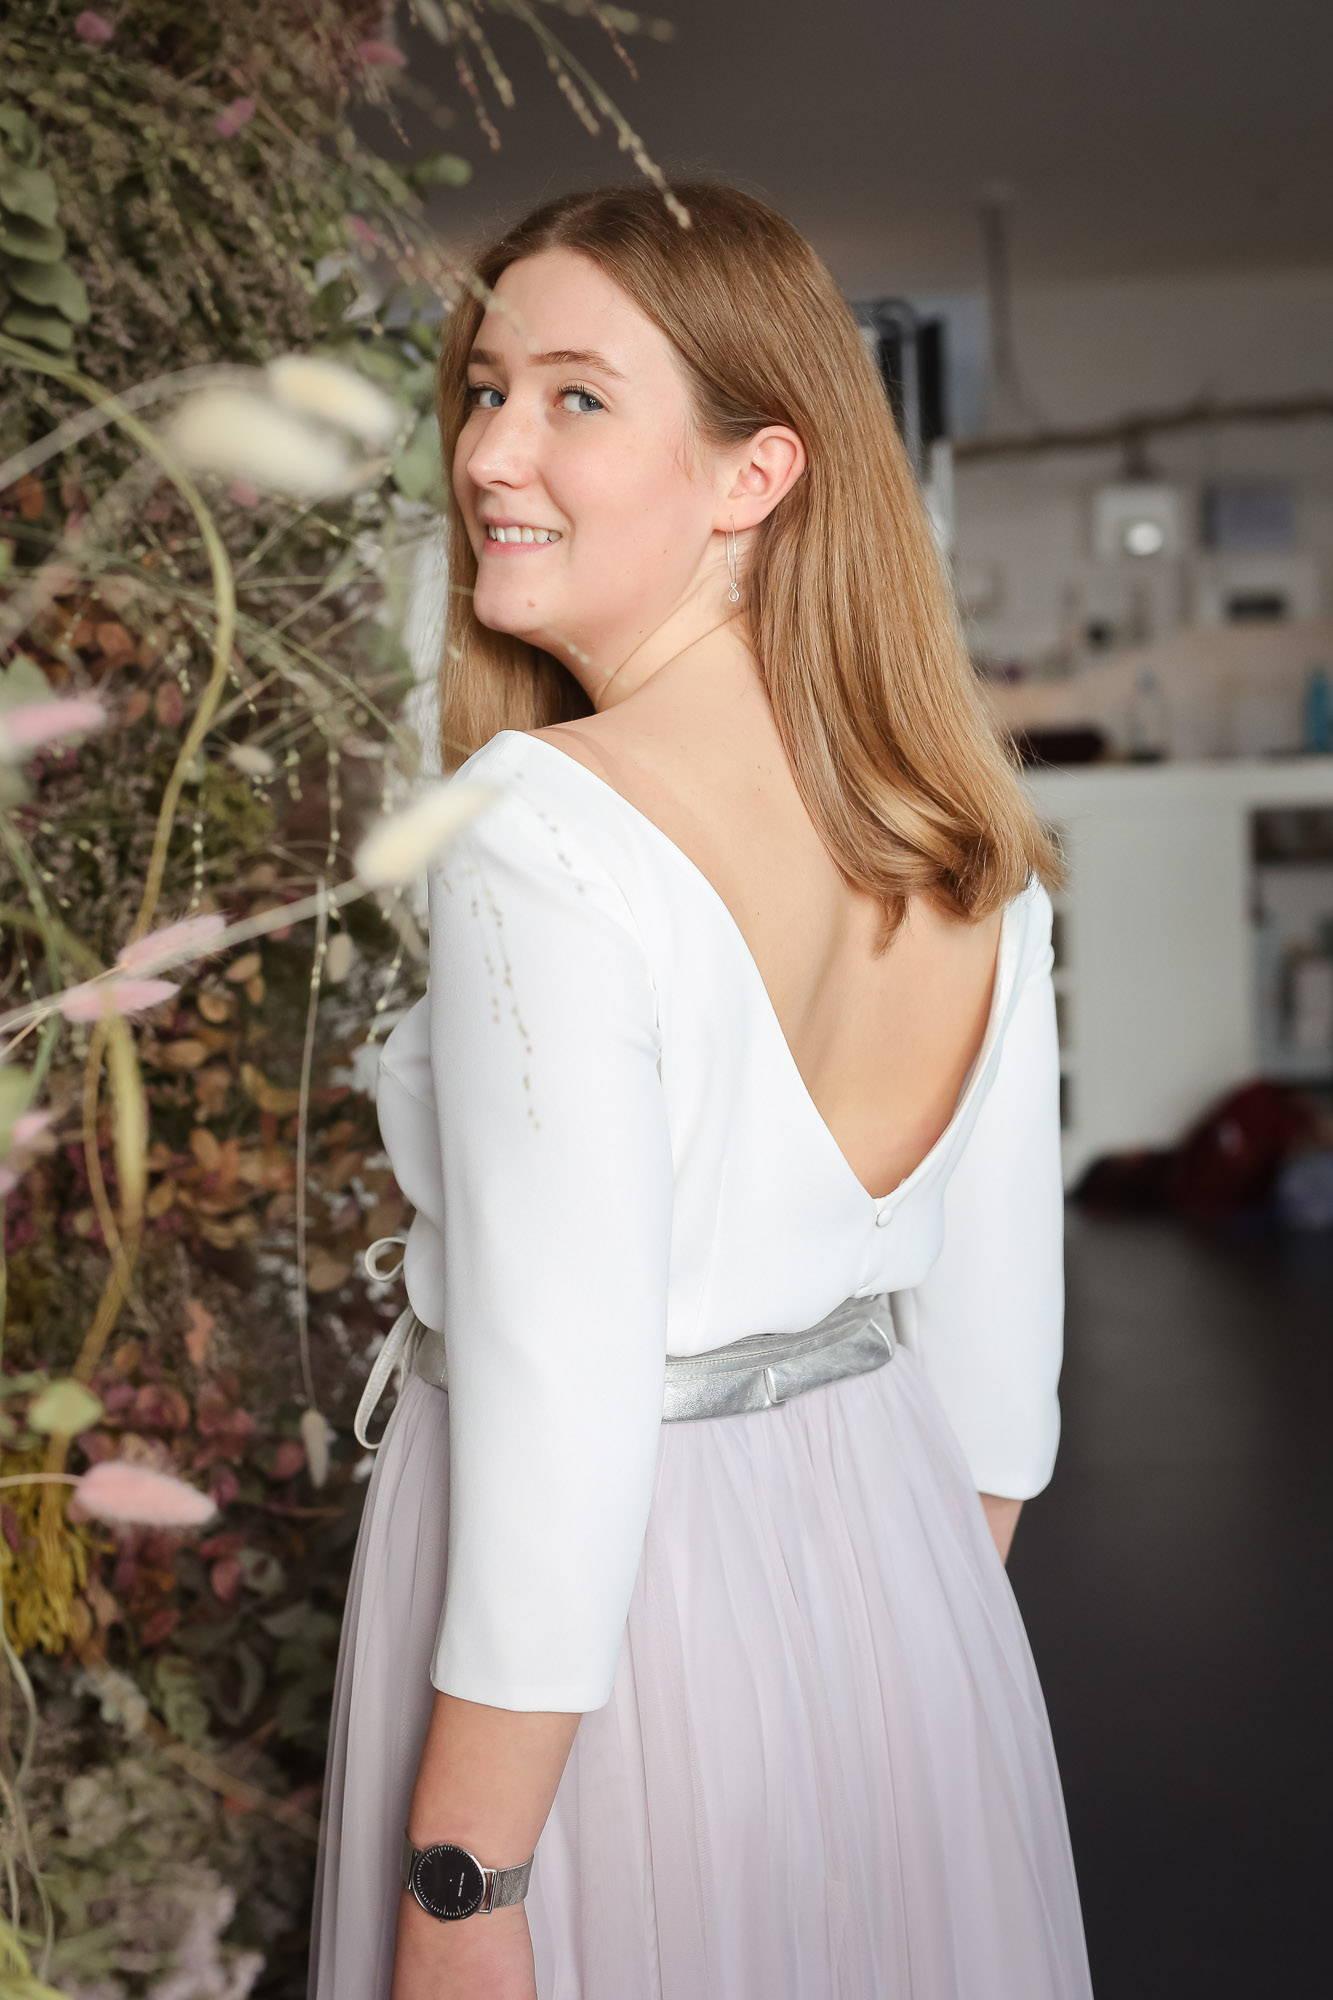 noni Brautkleider, zweiteiliges Hochzeitskleid mit rückenfreiem Brauttop, Ledergürtel und Tüllrock in Pastellviolett